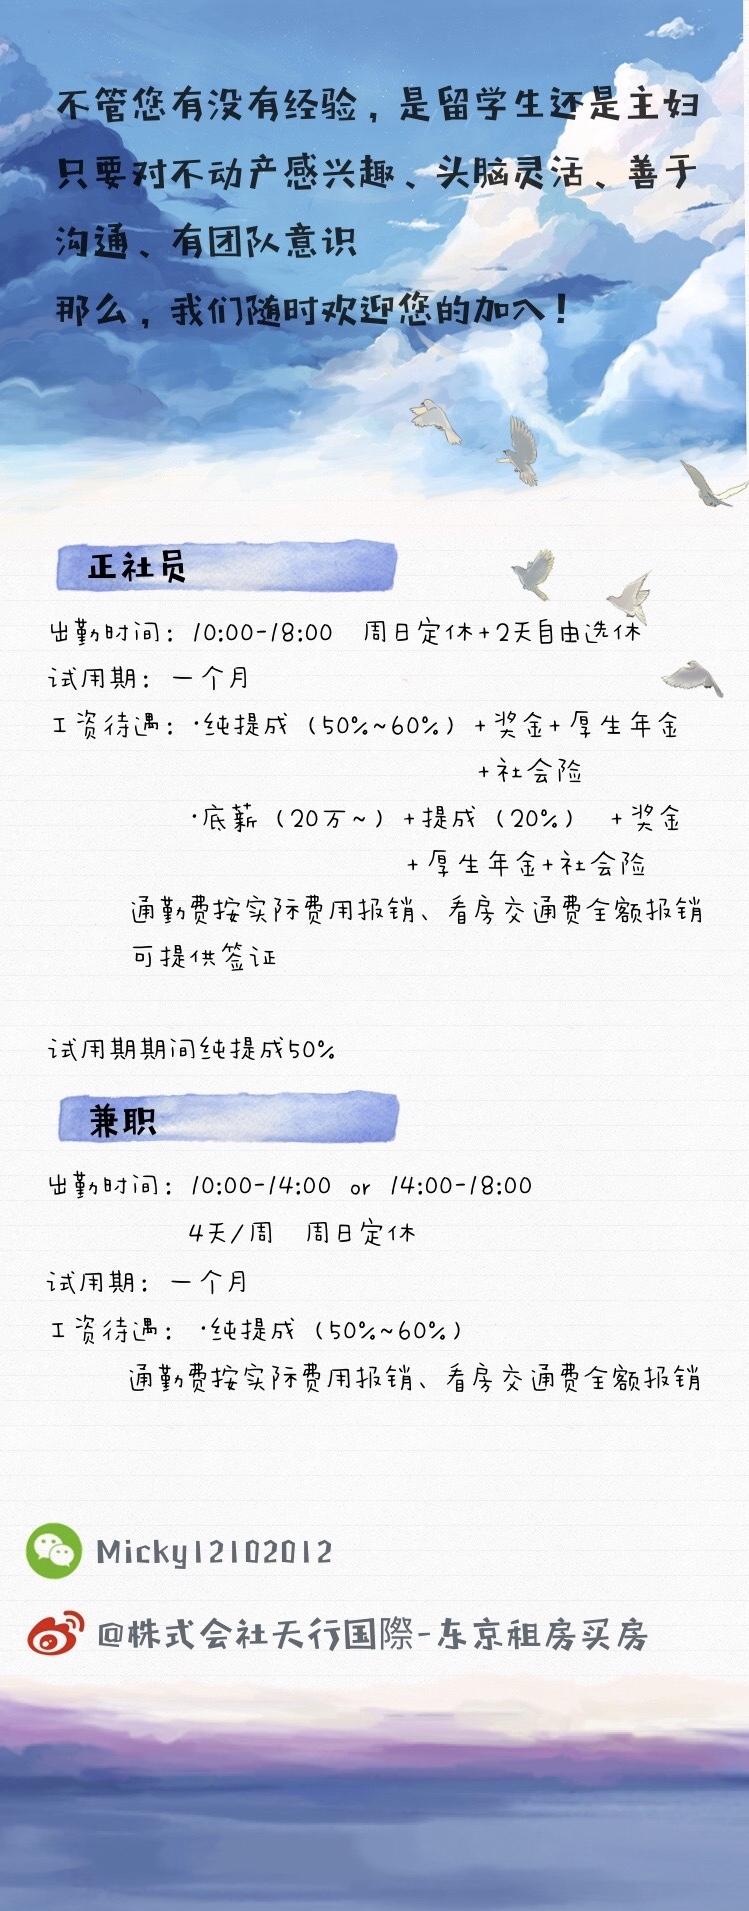 微信图片_20200113144811.jpg